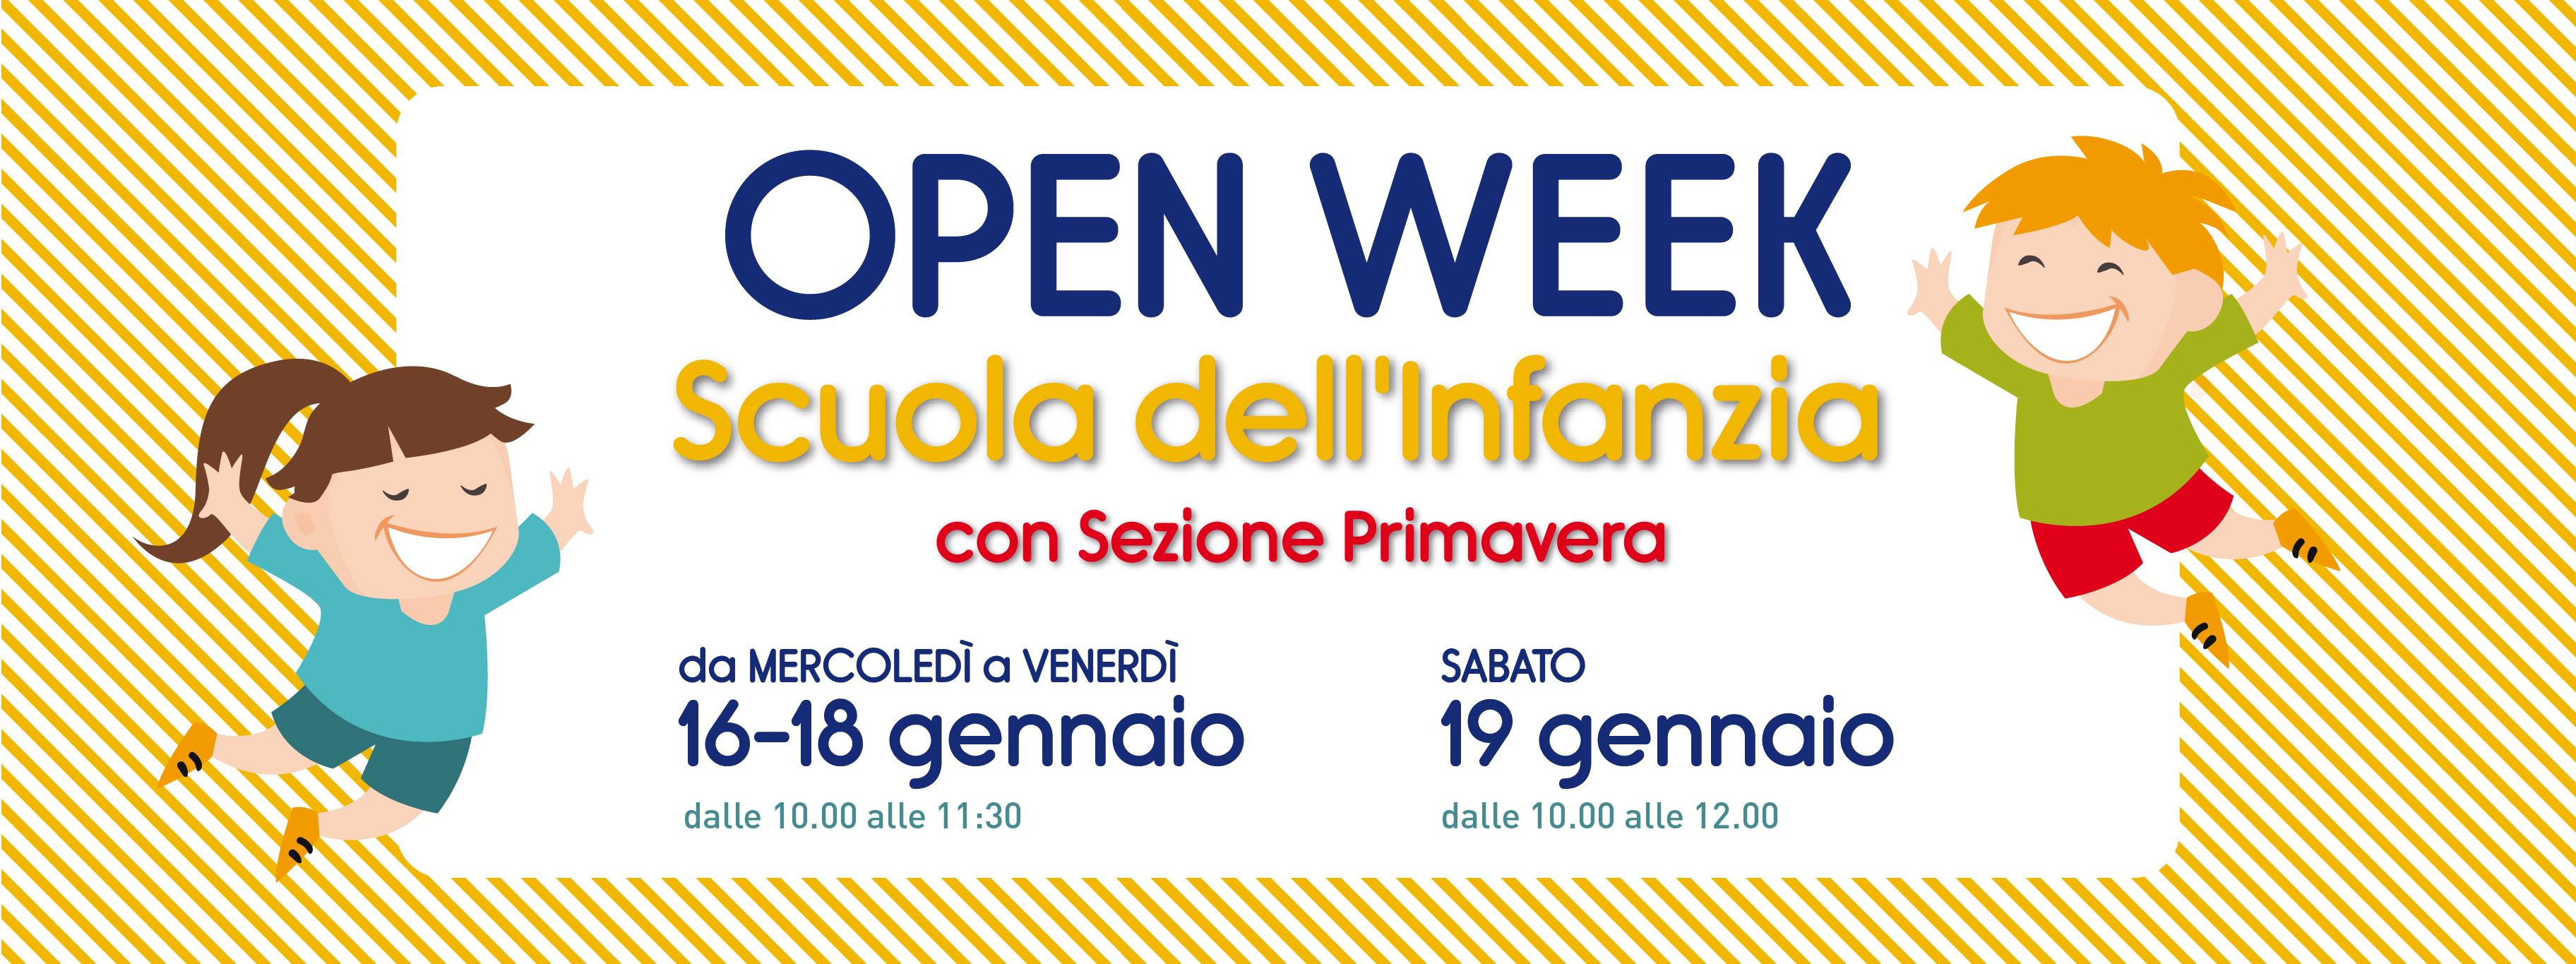 Istituto San Giuseppe La Salle Milano Open Week Scuola dell'Infanzia 2018-2019_Head